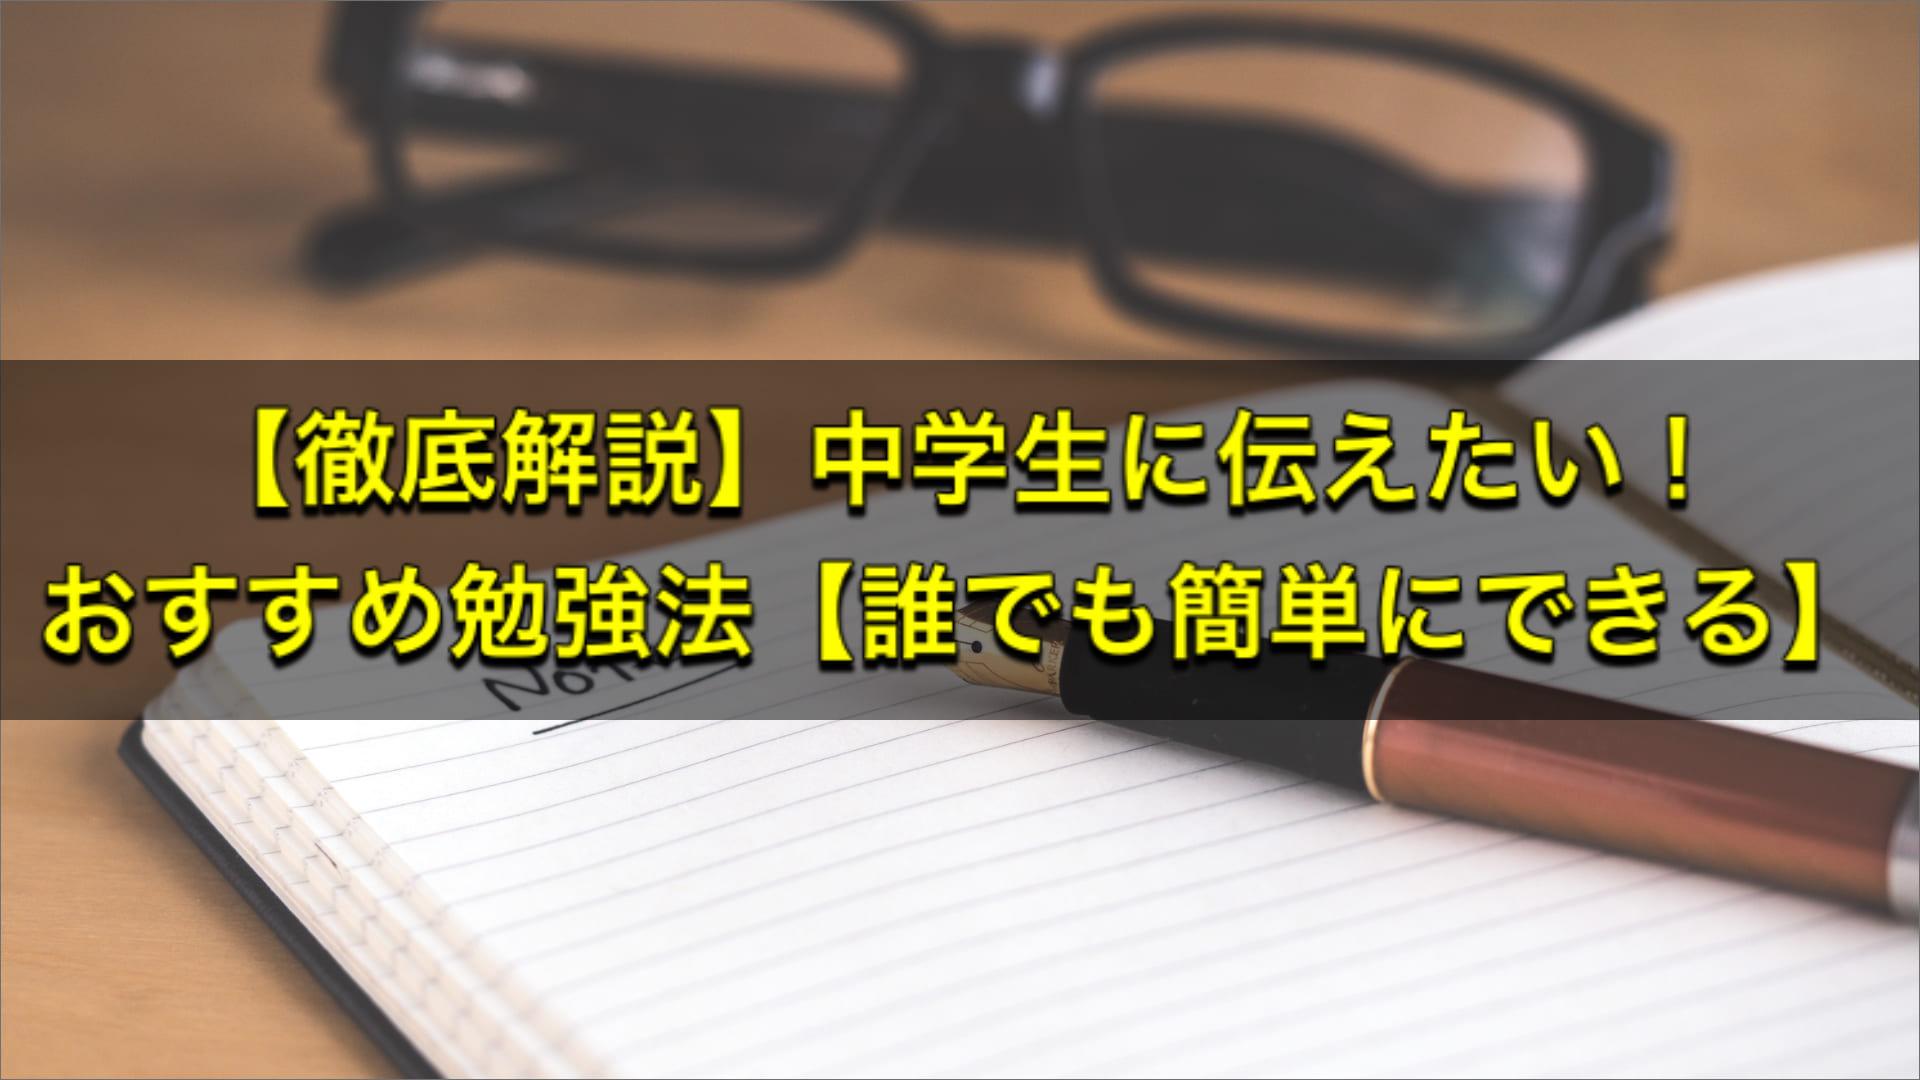 【徹底解説】中学生に伝えたい!おすすめ勉強法【誰でも簡単にできる】